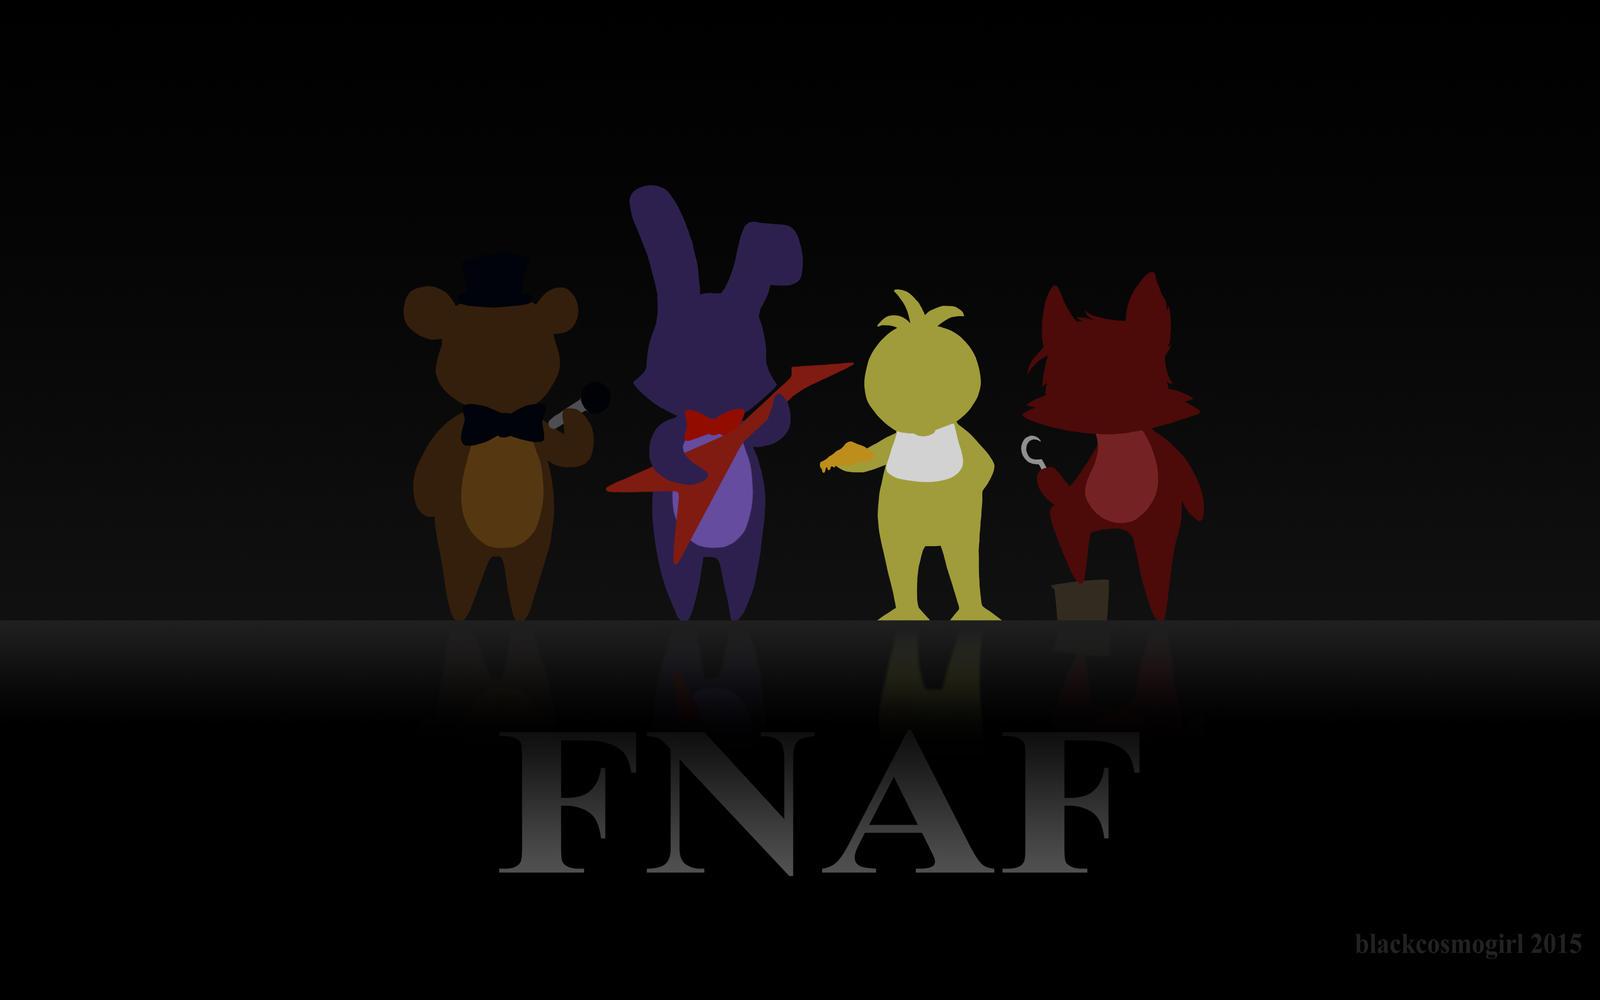 Fnaf Hd Wallpapers